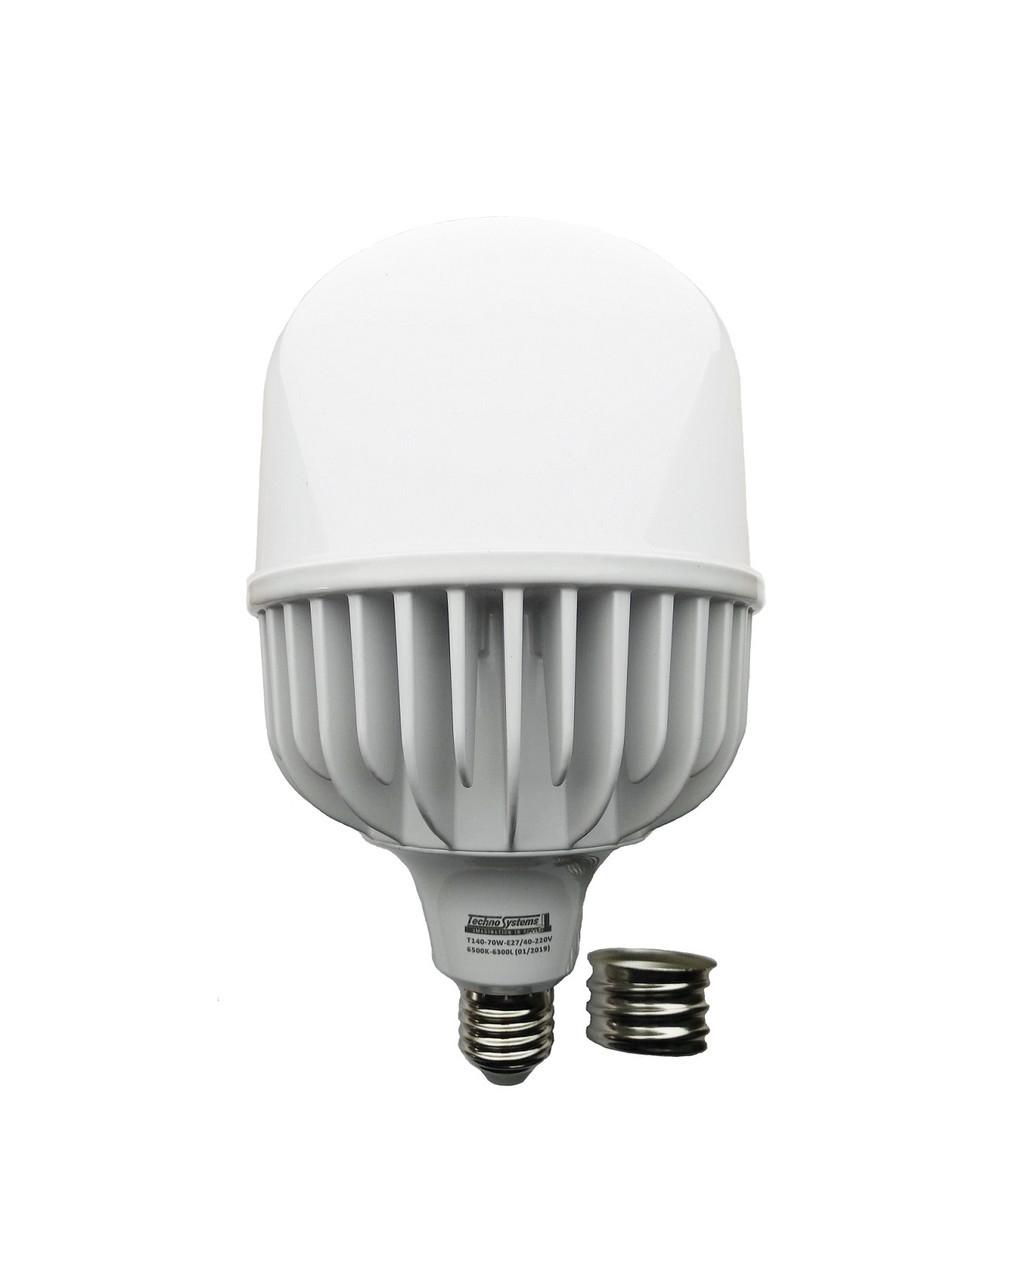 Лампа светодиодная LED Bulb T160 100W E40 220V 6500K 8500L Alum ICCD